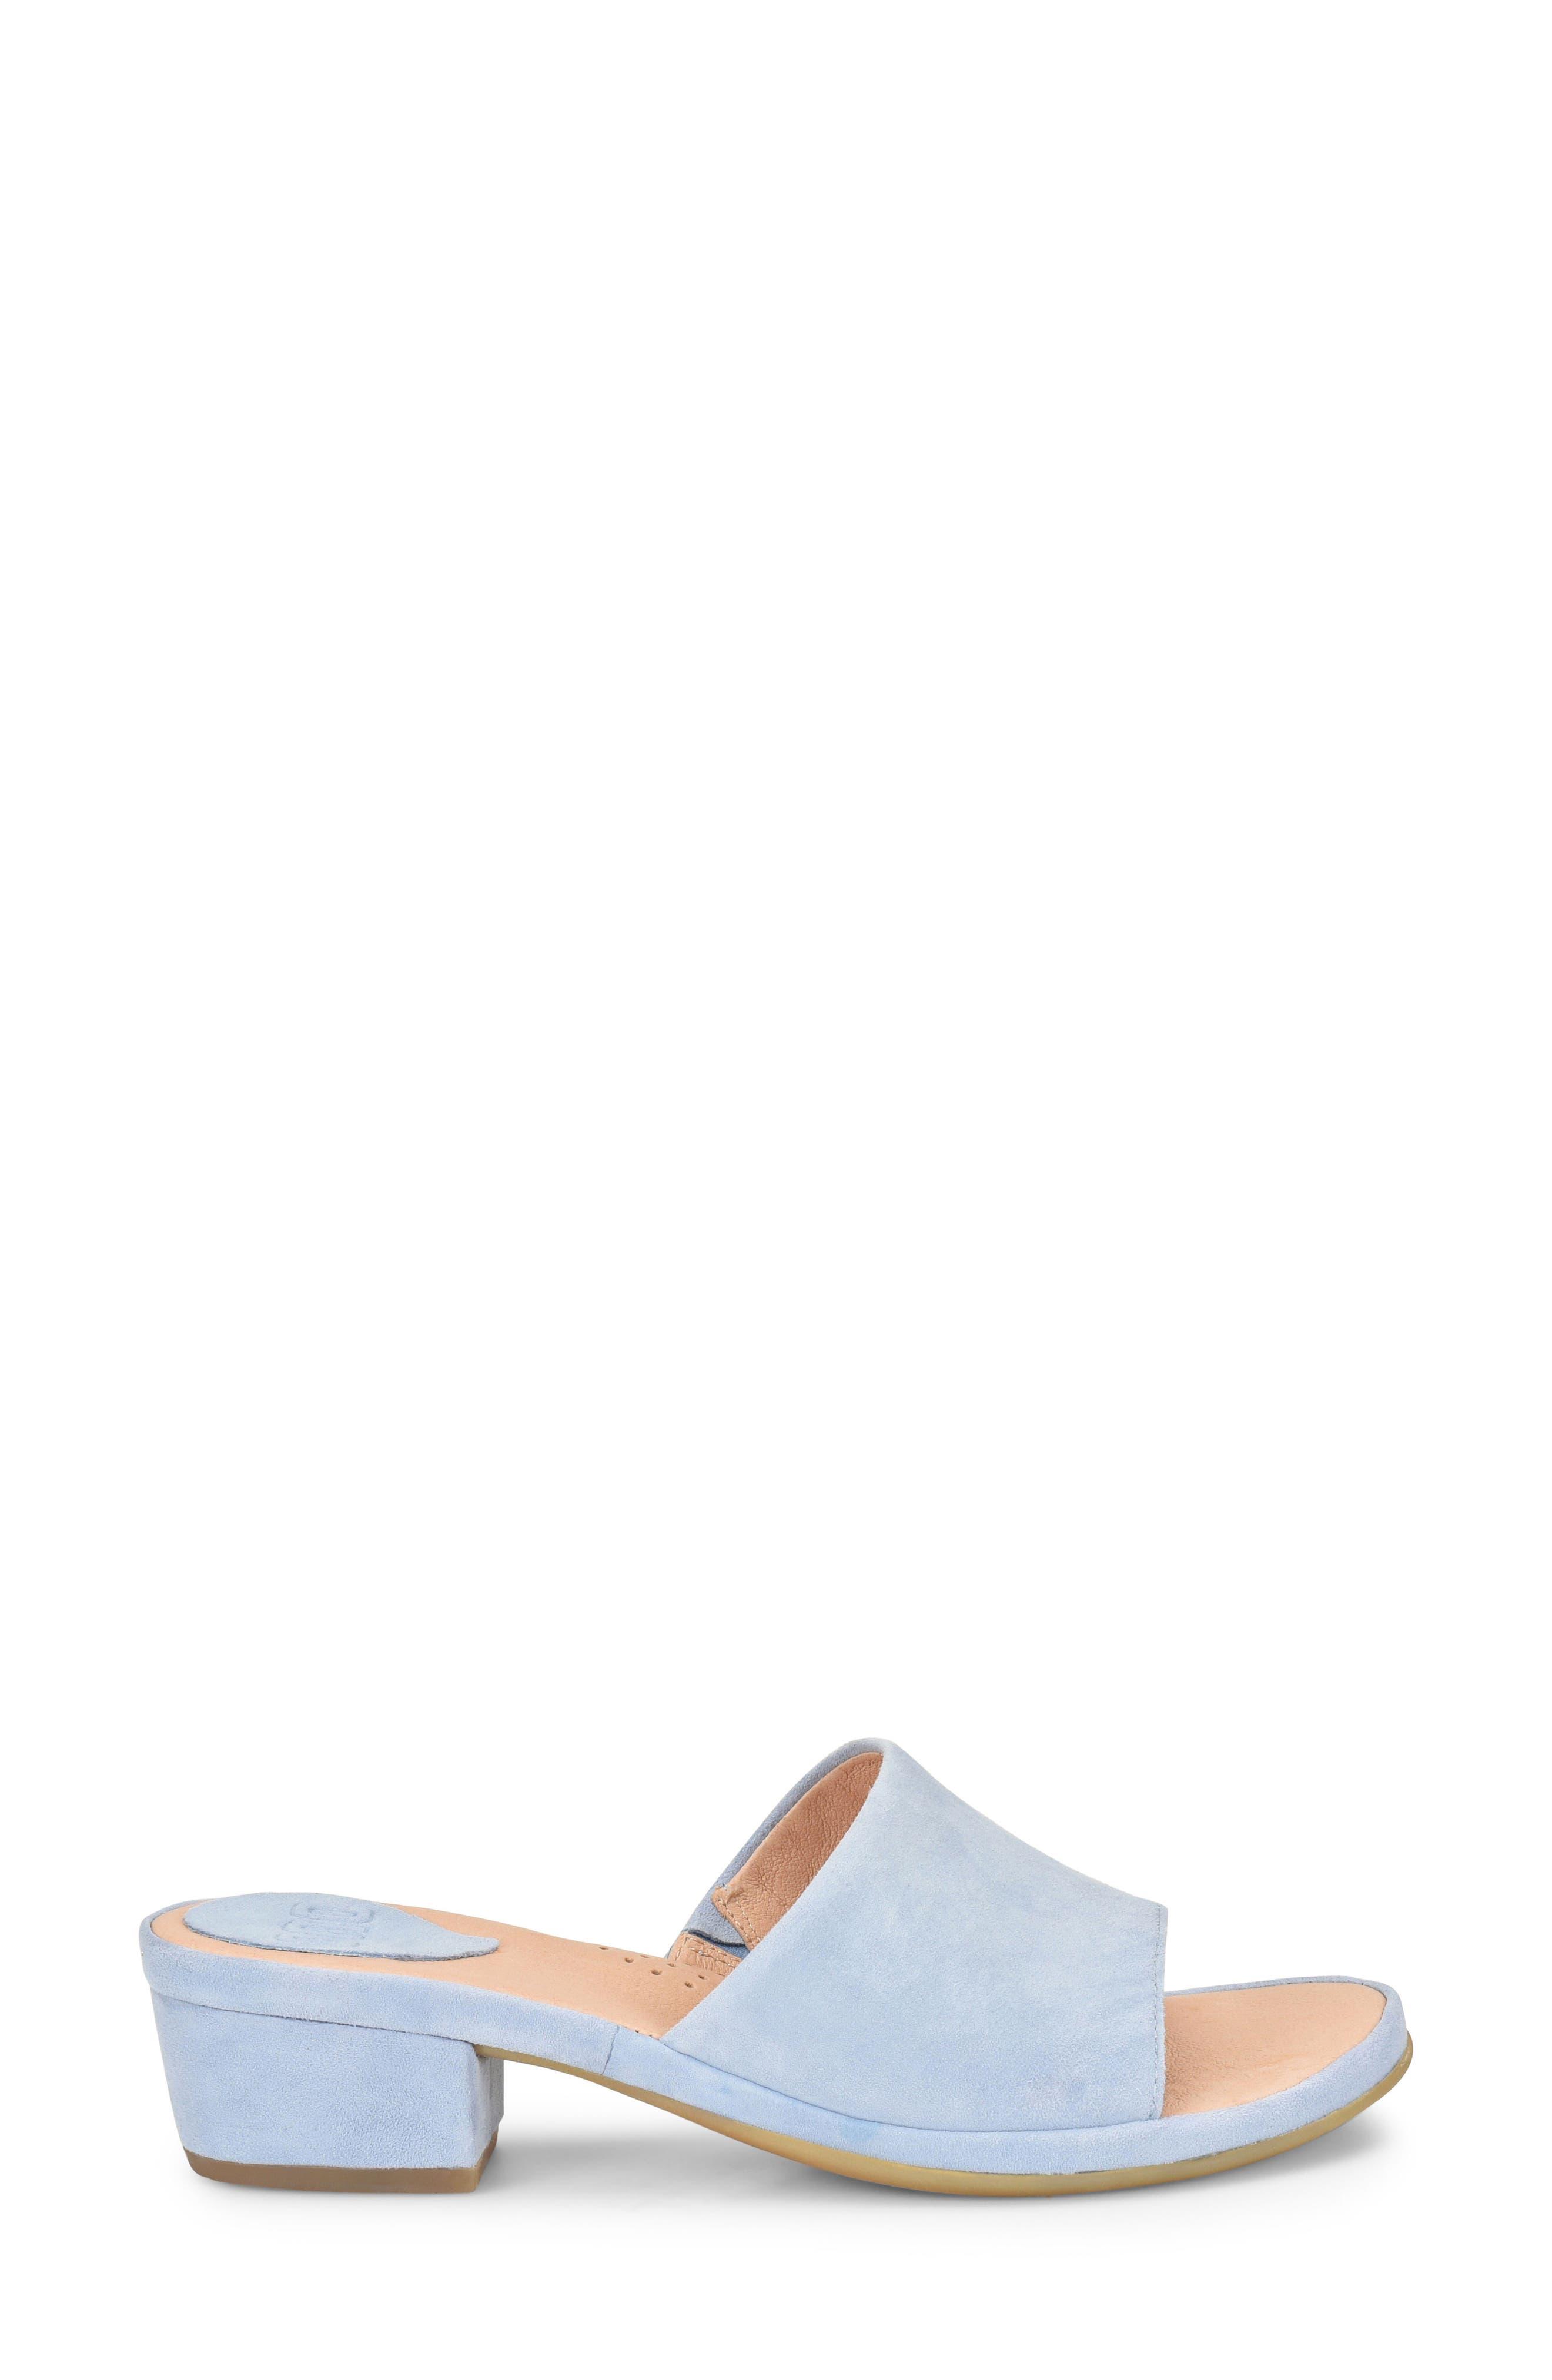 Bo Block Heel Slide Sandal,                             Alternate thumbnail 3, color,                             Light Blue Suede